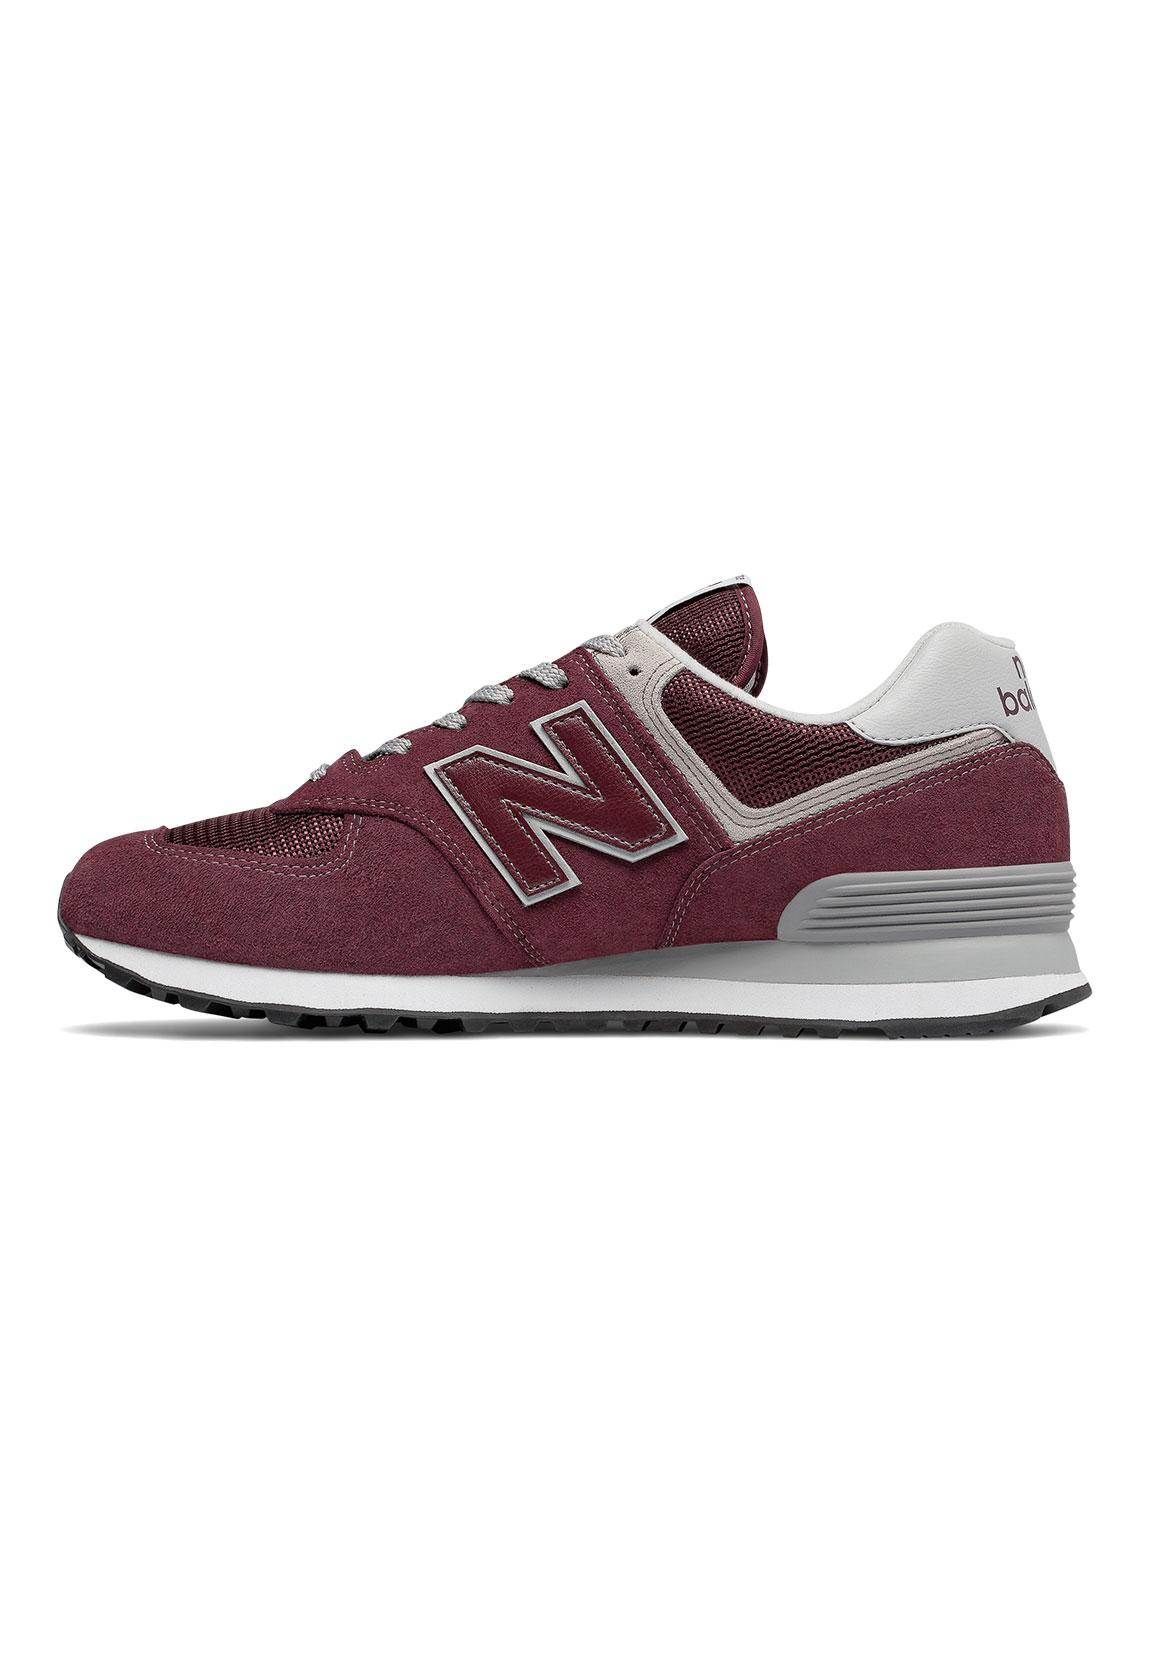 new balance sneaker herren ml574egb dunkelrot burgundy. Black Bedroom Furniture Sets. Home Design Ideas